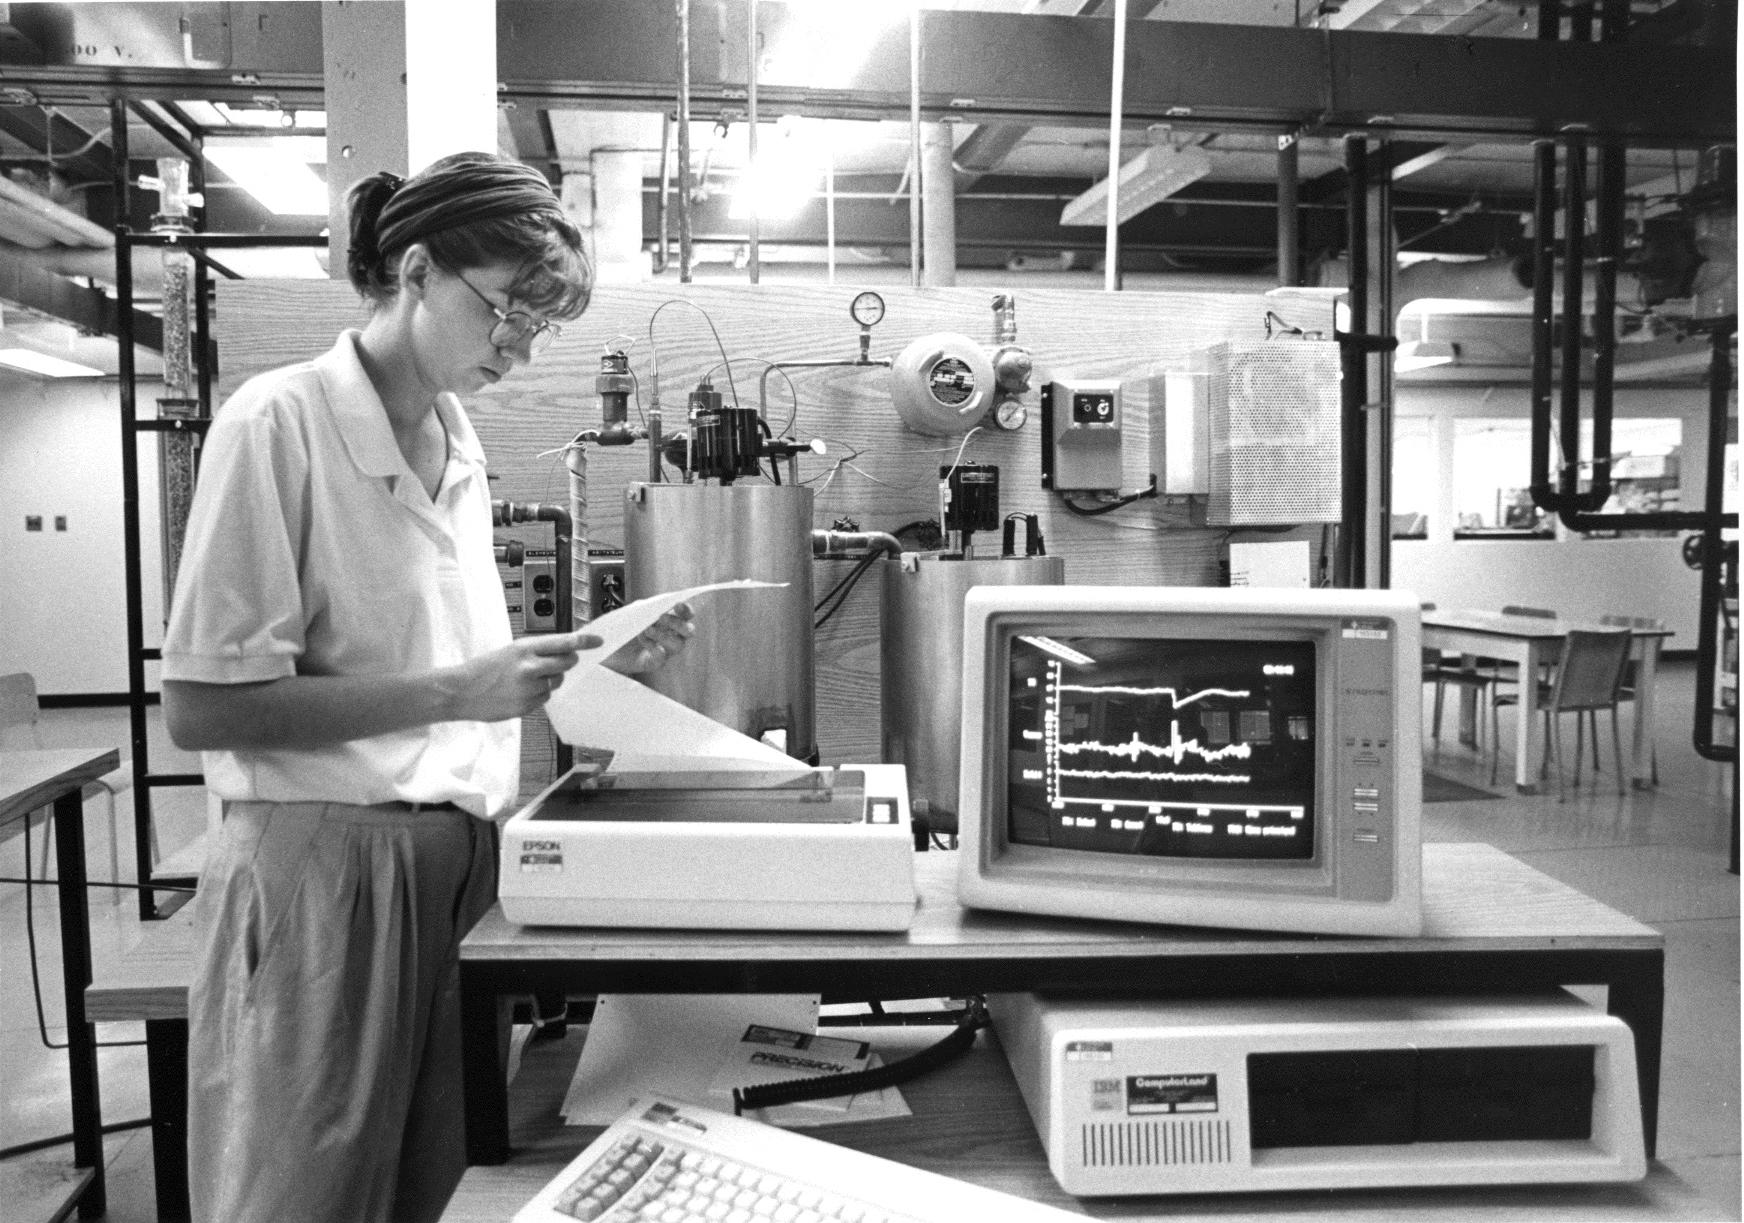 Un laboratoire de recherche, Université Laval, 1989. Une imprimante matricielle!